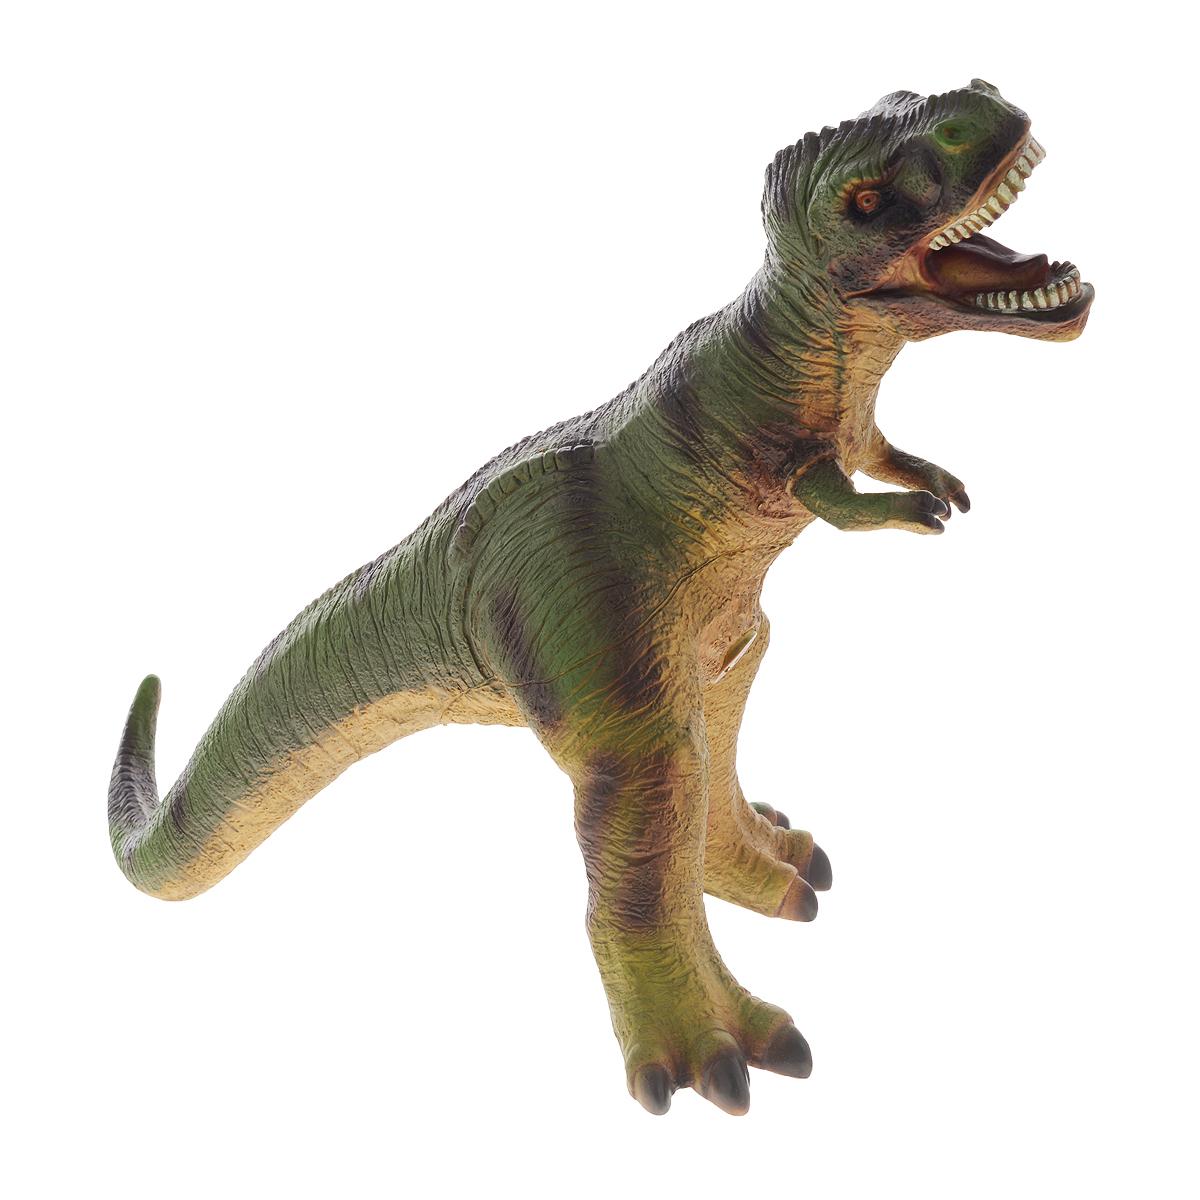 Фигурка Megasaurs ТираннозаврSV17872Фигурка Megasaurs Тираннозавр поможет вам мысленно перенестись в мир динозавров. Фигурка выполнена из высококачественной резины в виде тираннозавра с поразительной детализацией. Вытянутая форма динозавра с массивным черепом, мощными ногами и небольшими передними лапками полностью повторяет образ доисторического хищника. В животе игрушки имеется небольшое отверстие. Тираннозавр достигал 12 метров в длину, а его острые зубы представляли смертельную опасность. Жил в конце Мелового периода, закончив свое существование во время катаклизма, положившего конец эре динозавров.